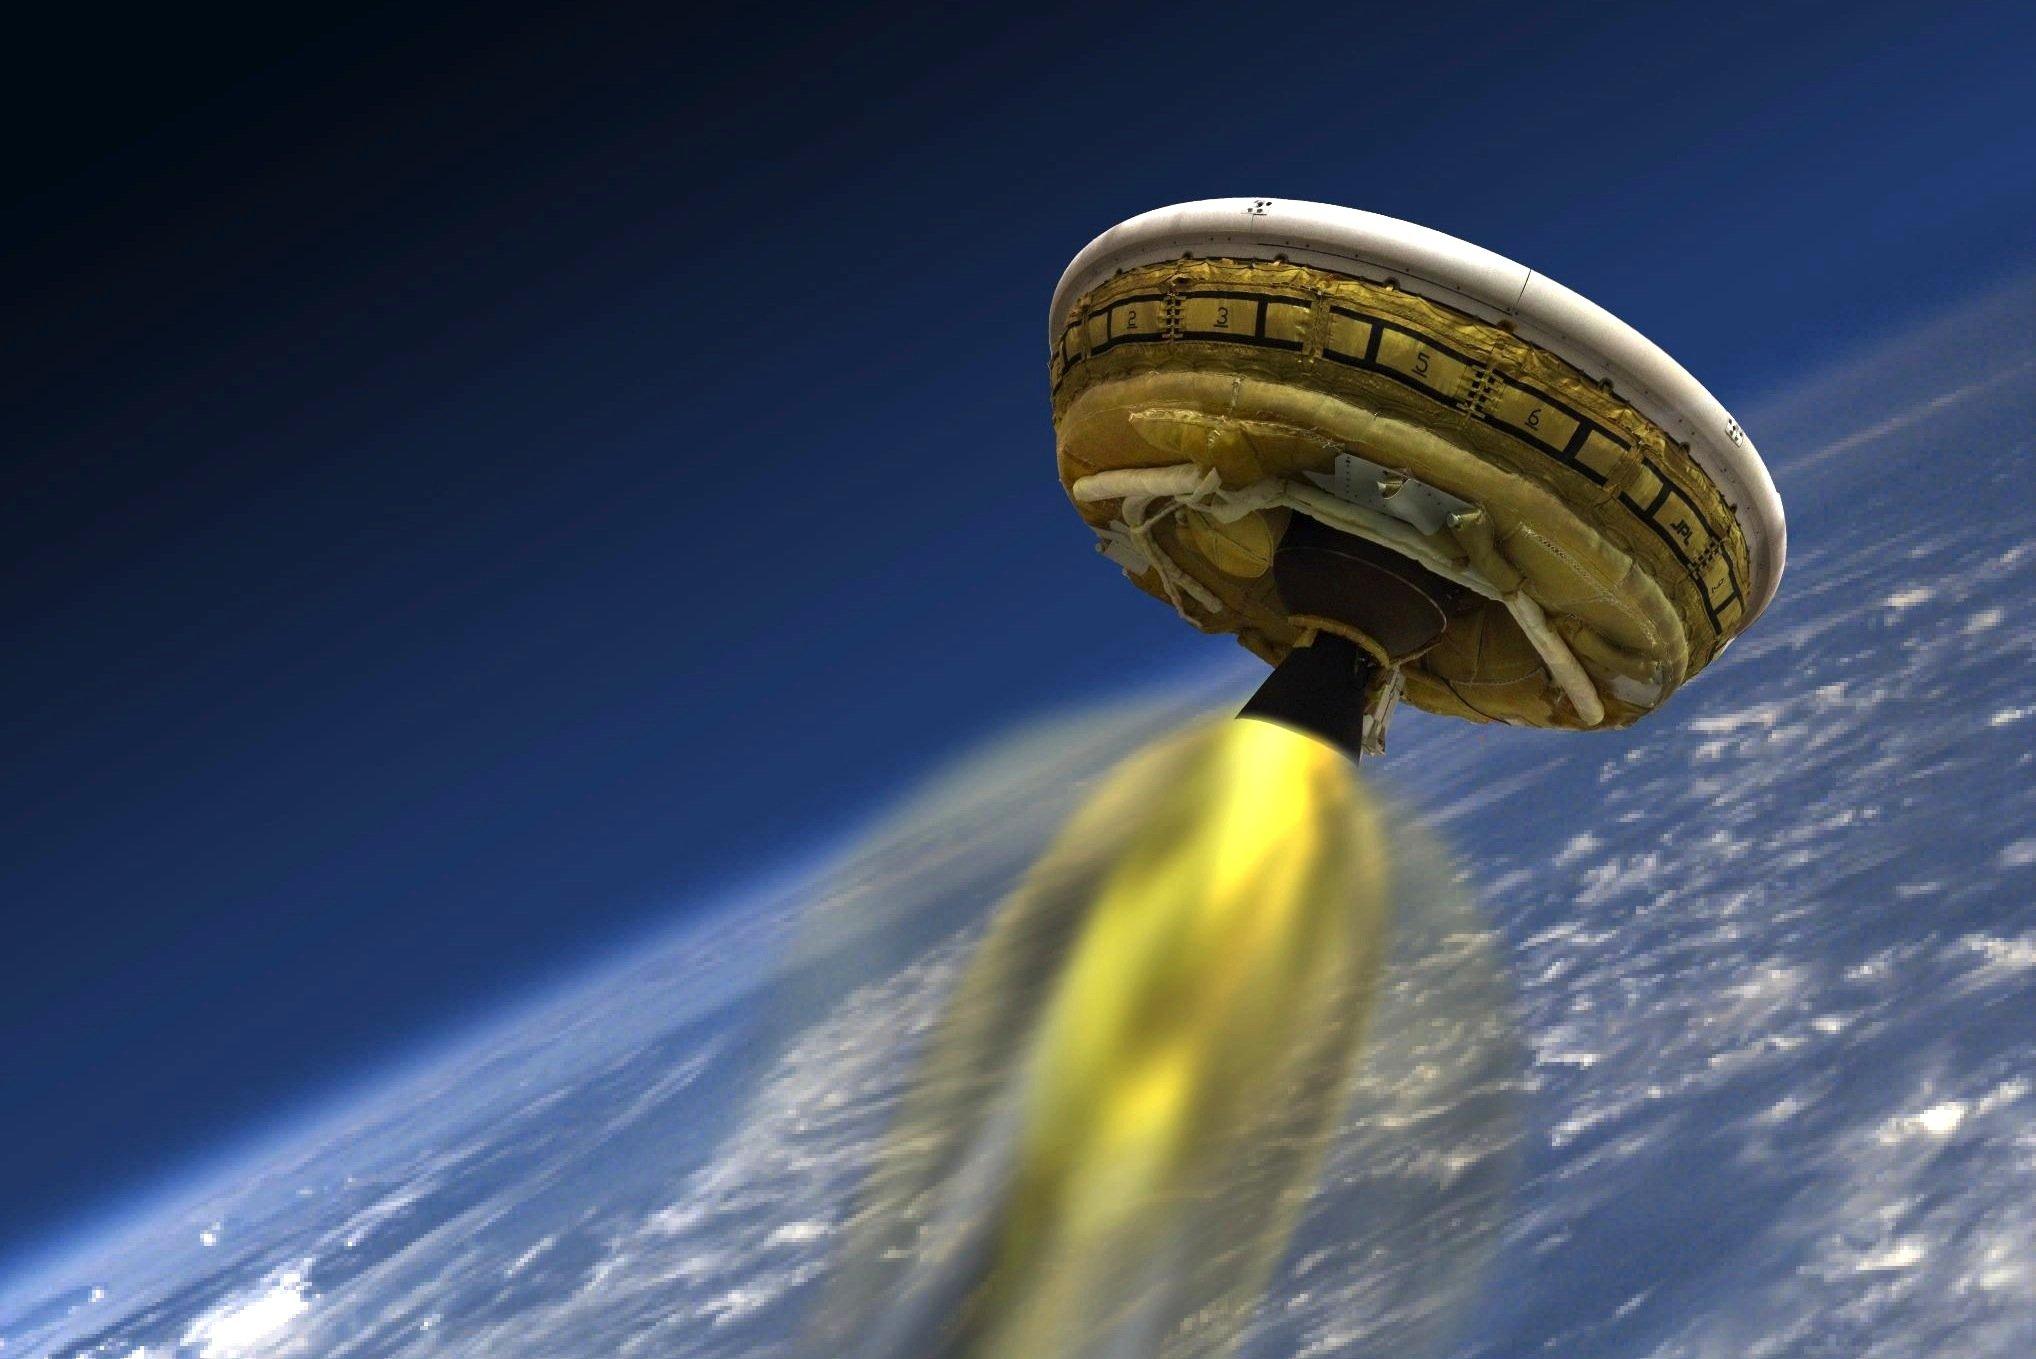 Mit einem Raketenantrieb wird der Fallschirm auf eine Höhe von 55 km gebraucht. Dort öffnet es sich und soll langsam zur Erde schweben.